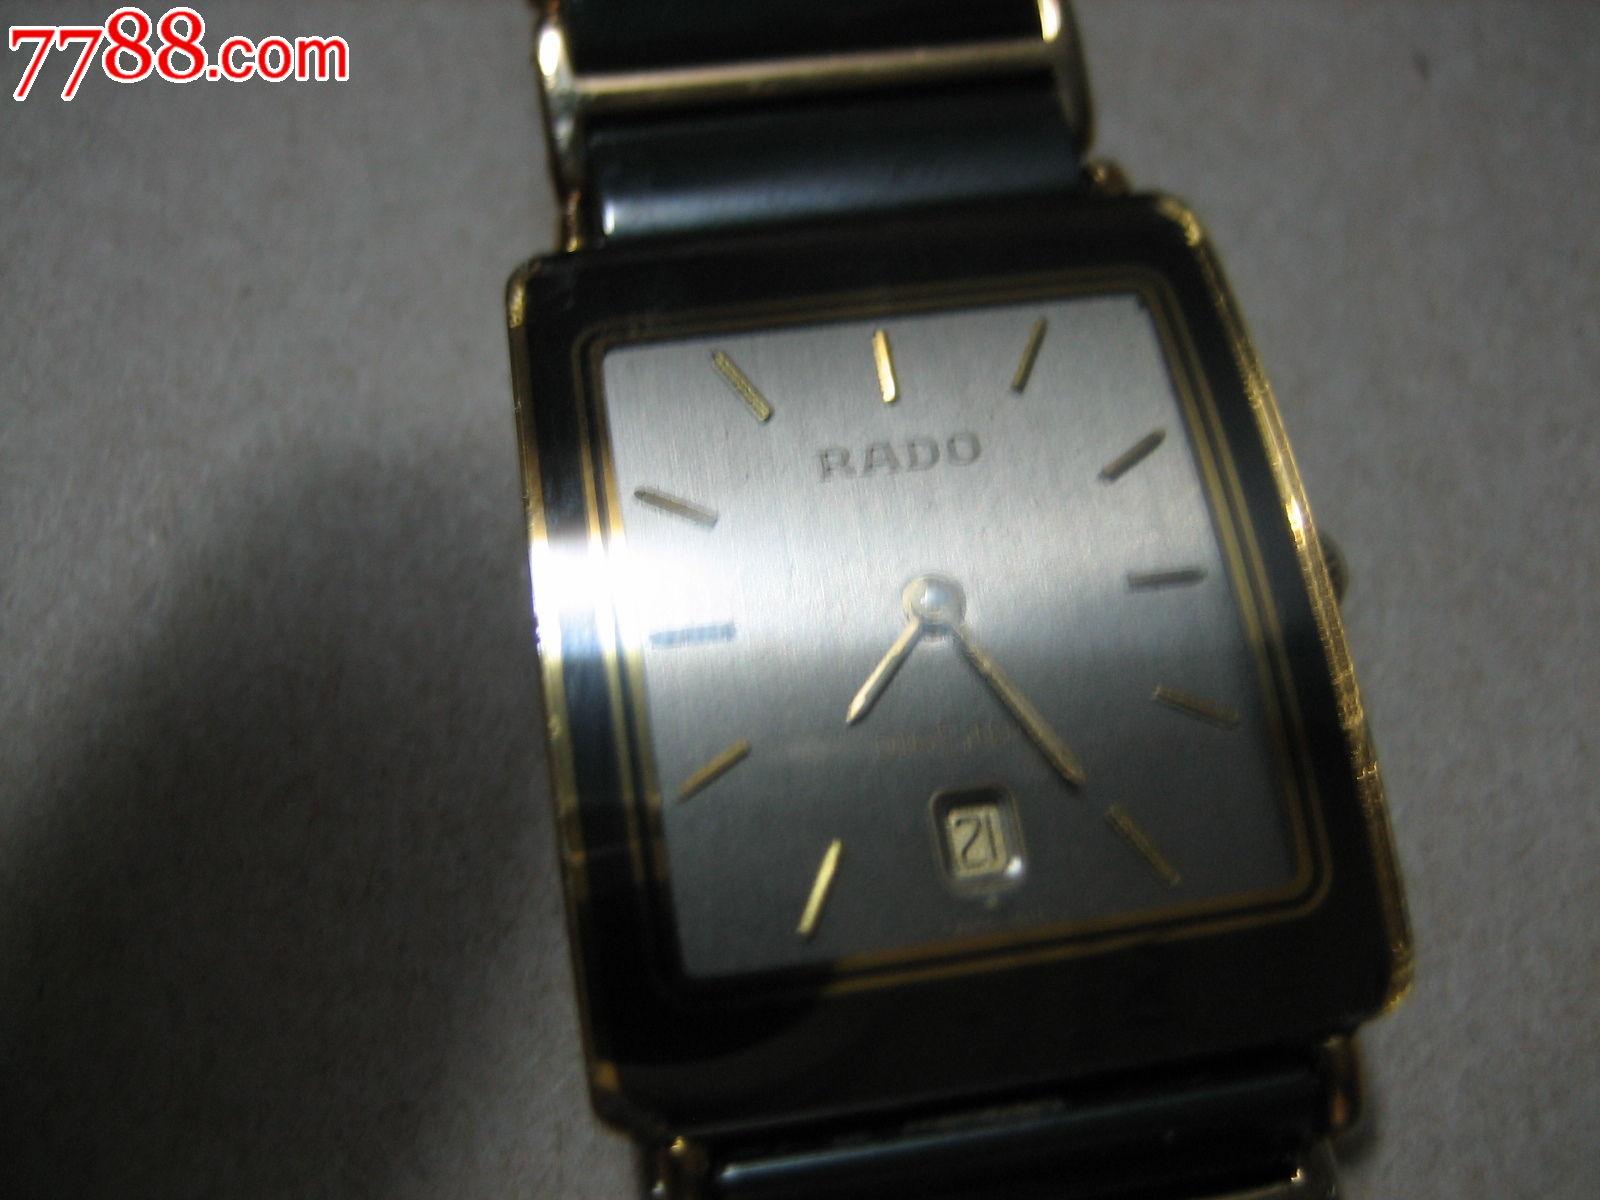 查询新品 | 雷达(Rado®)手表官方网站